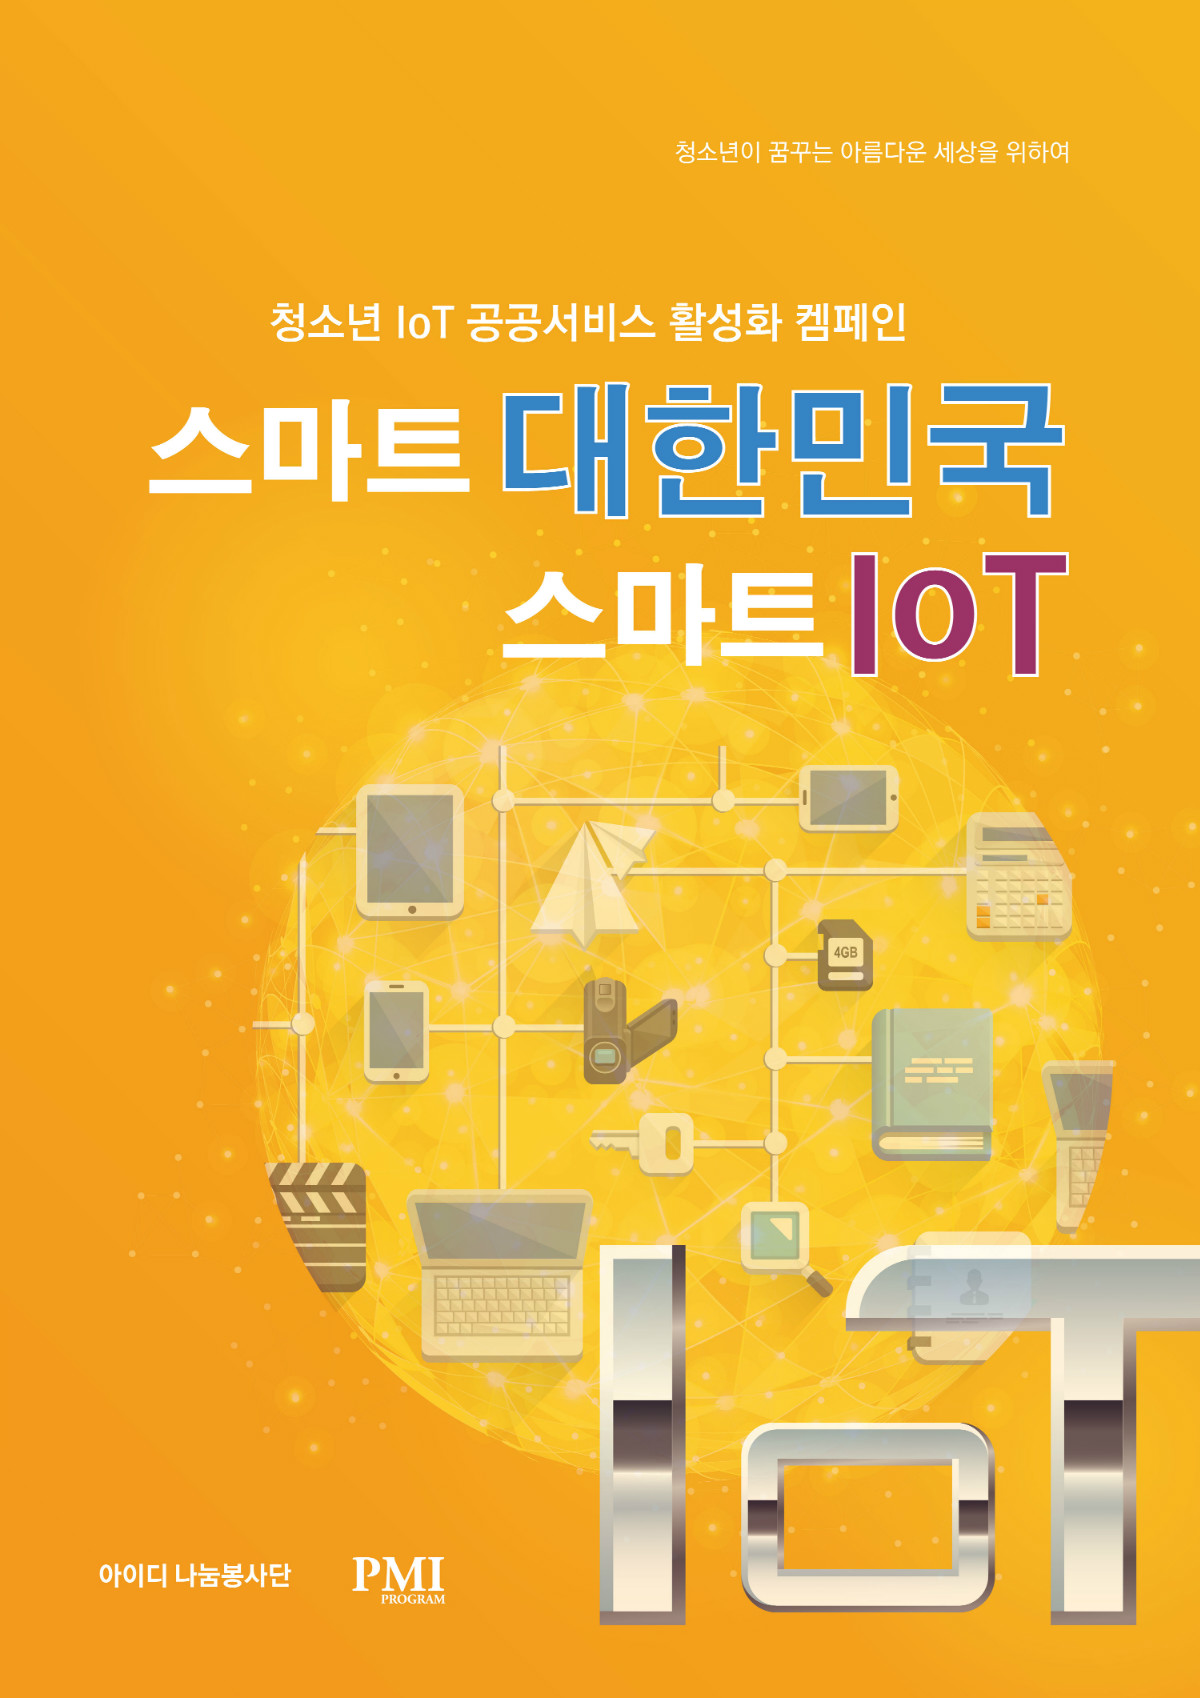 과학캠페인-포스터20191026.jpg